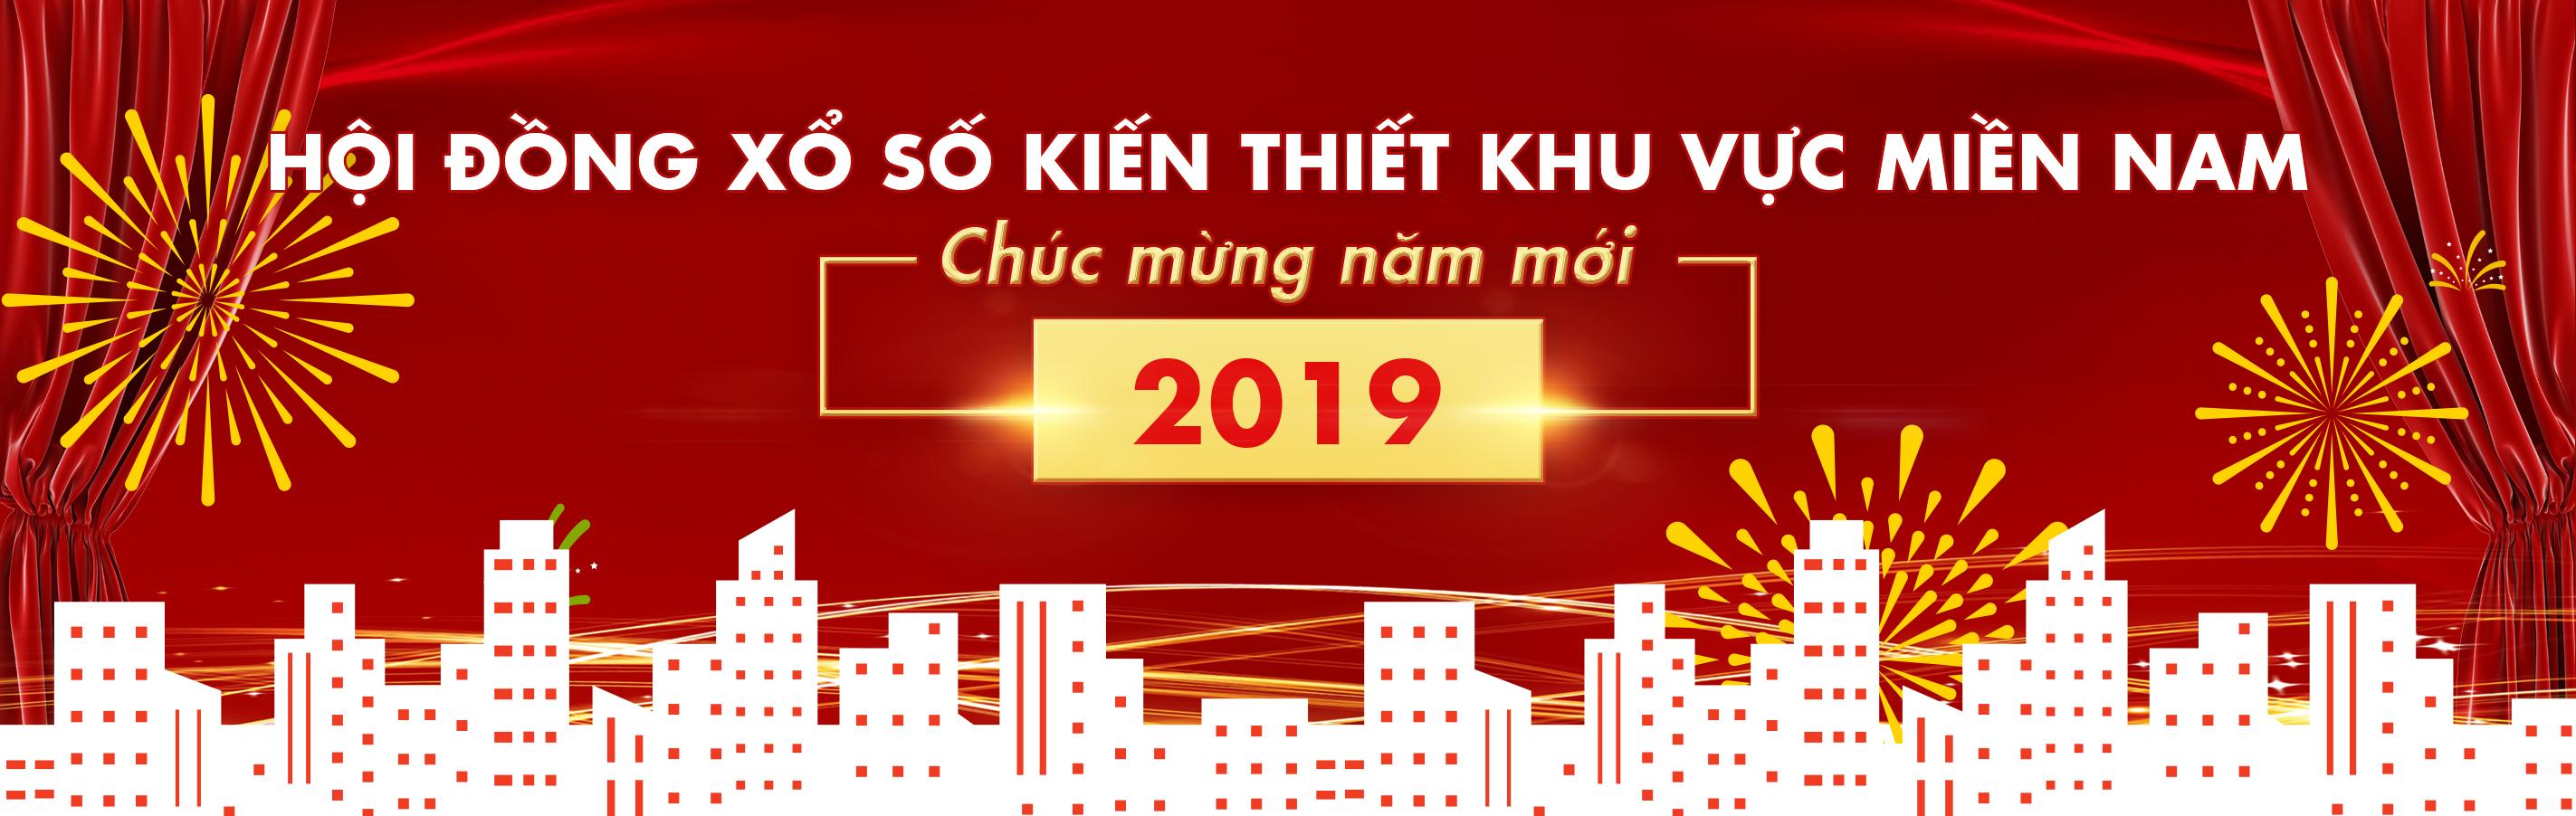 Hội đồng xổ số kiến thiết khu vực miền Nam chúc mừng năm mới 2019